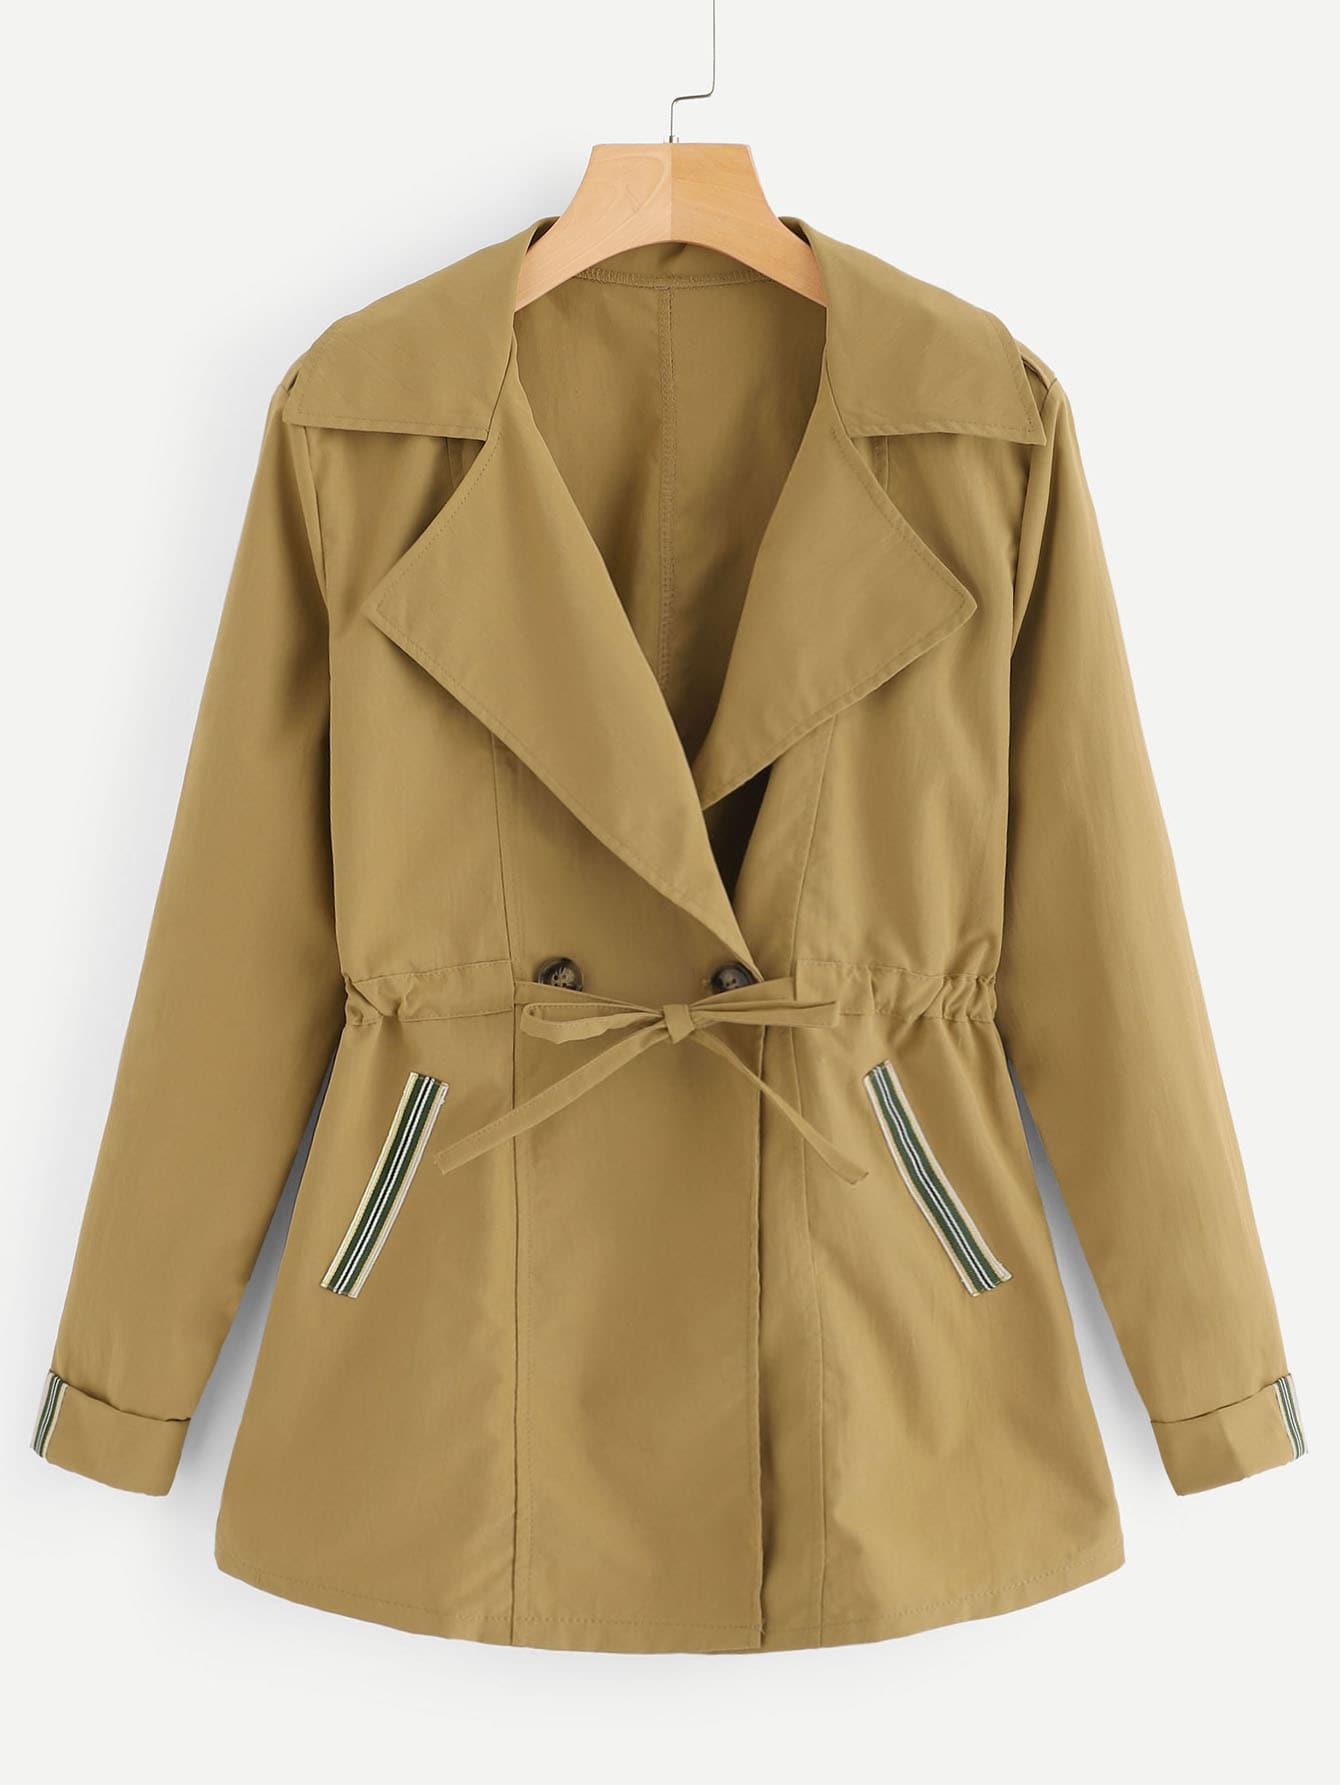 Купить Повседневный Одноцветный на пуговицах Хаки Жакеты + Куртки, null, SheIn